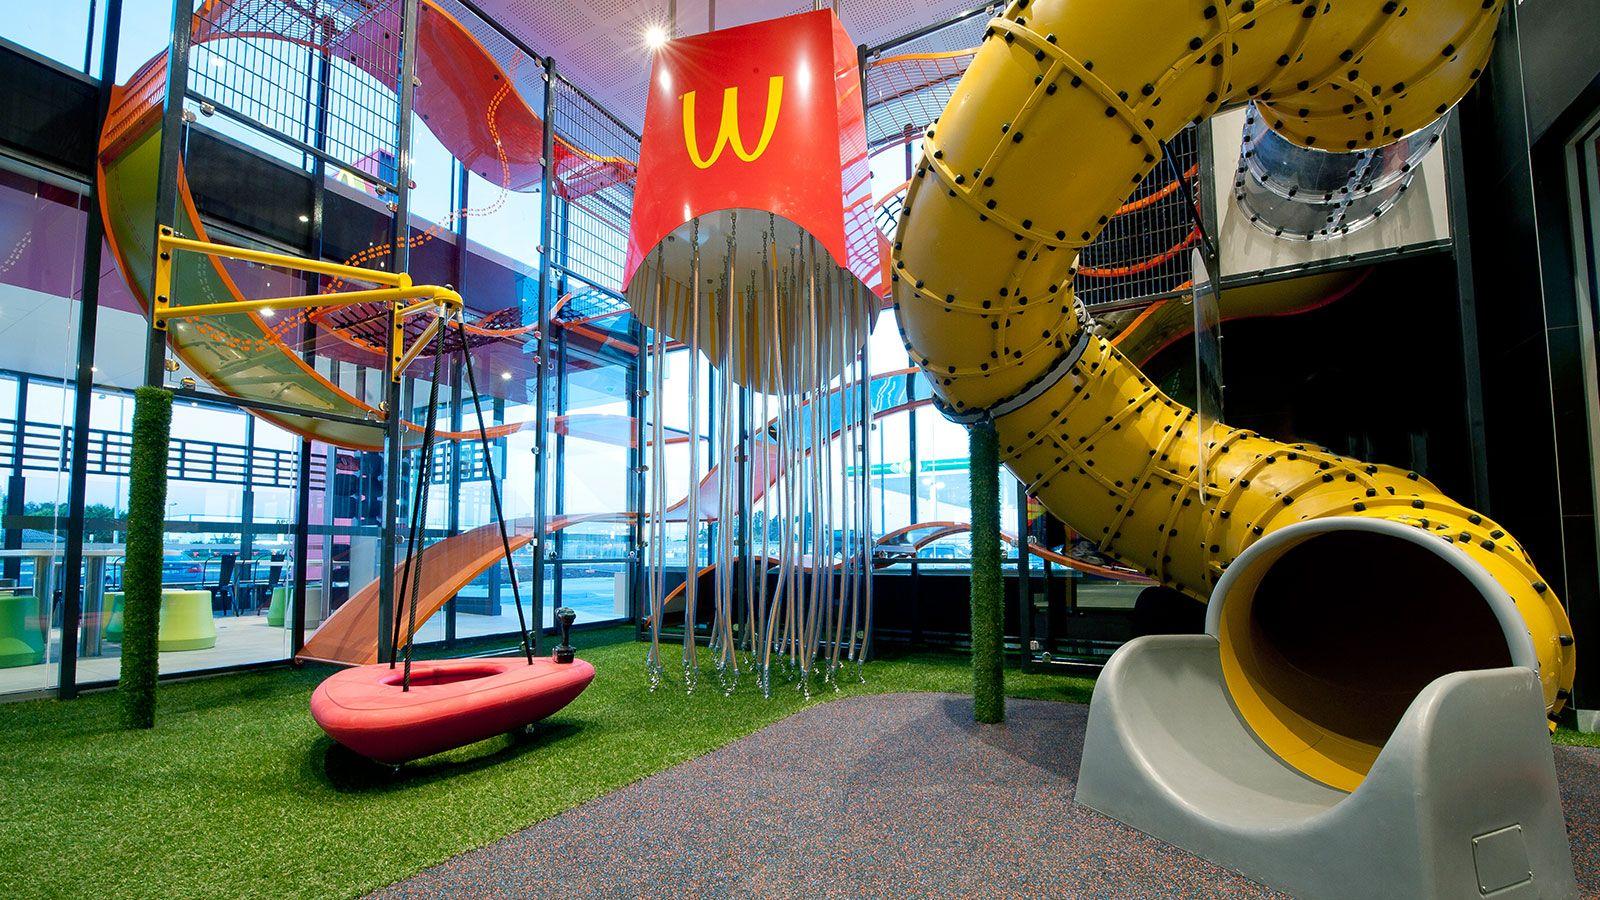 Indoor McDonald's playspace